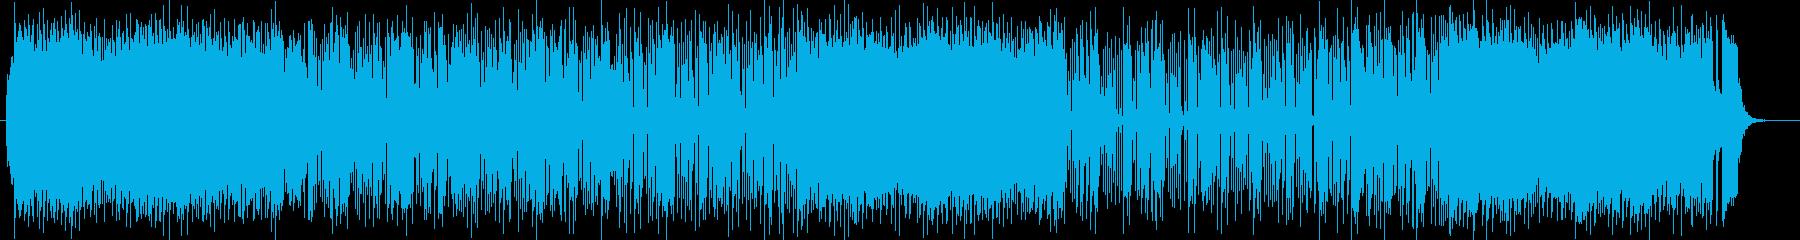 スッキリした明るいシンセサイザーの曲の再生済みの波形